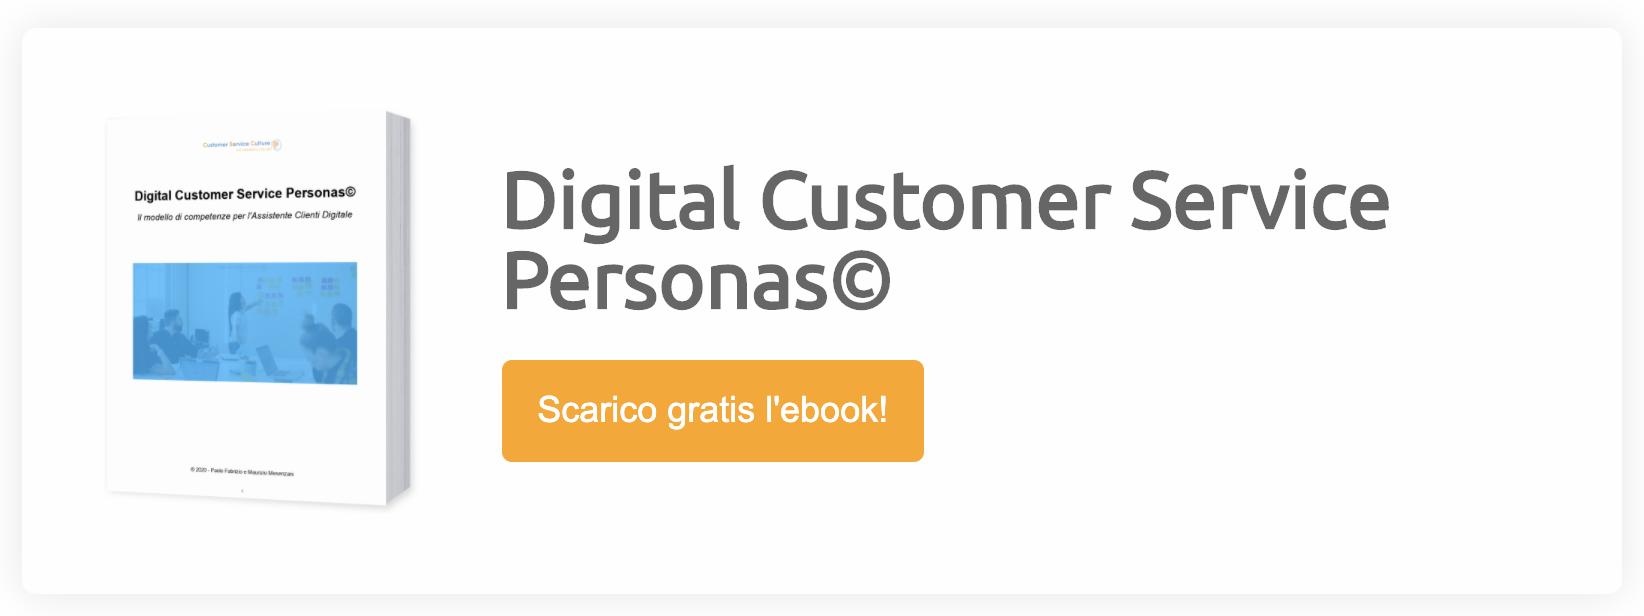 Ebook DCS Personas